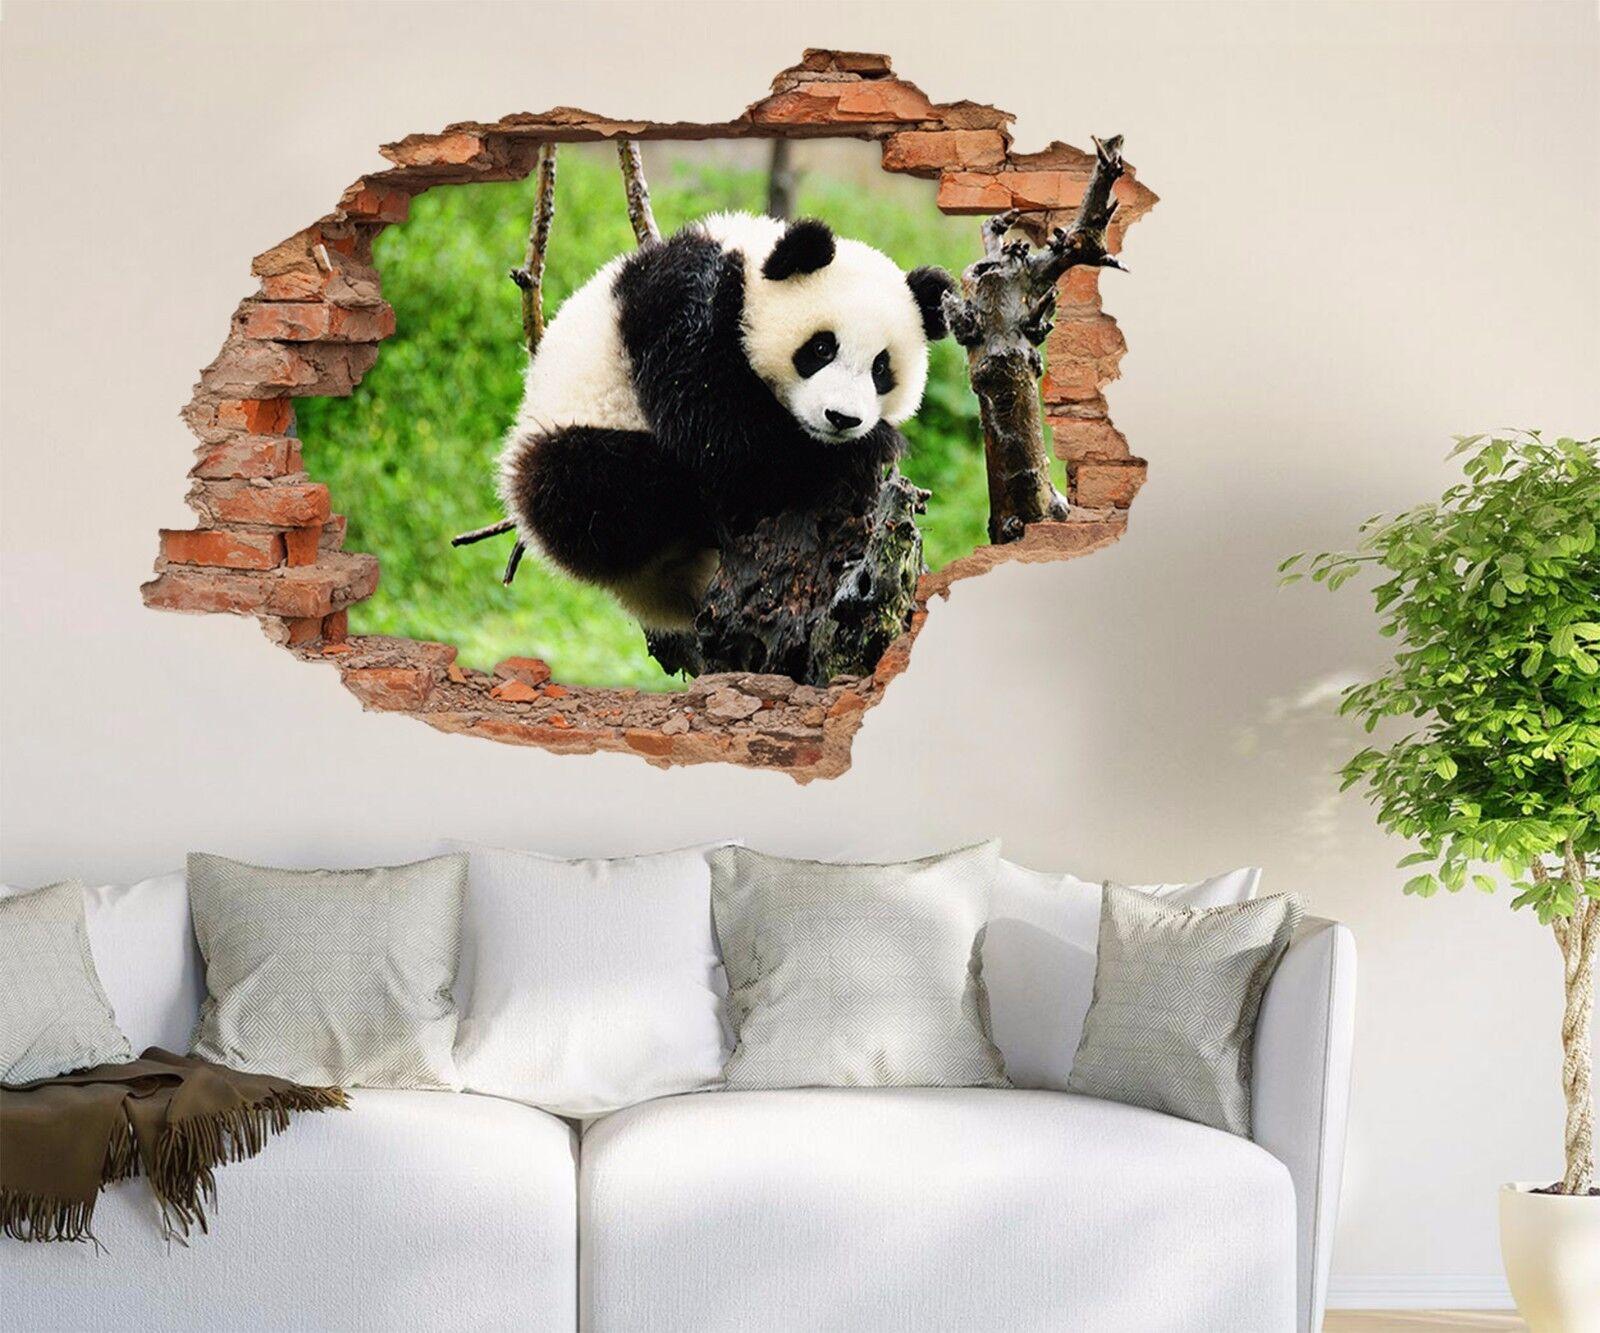 3D Netter Panda 833 Mauer Murals Mauer Aufklebe Decal Durchbruch AJ WALLPAPER DE